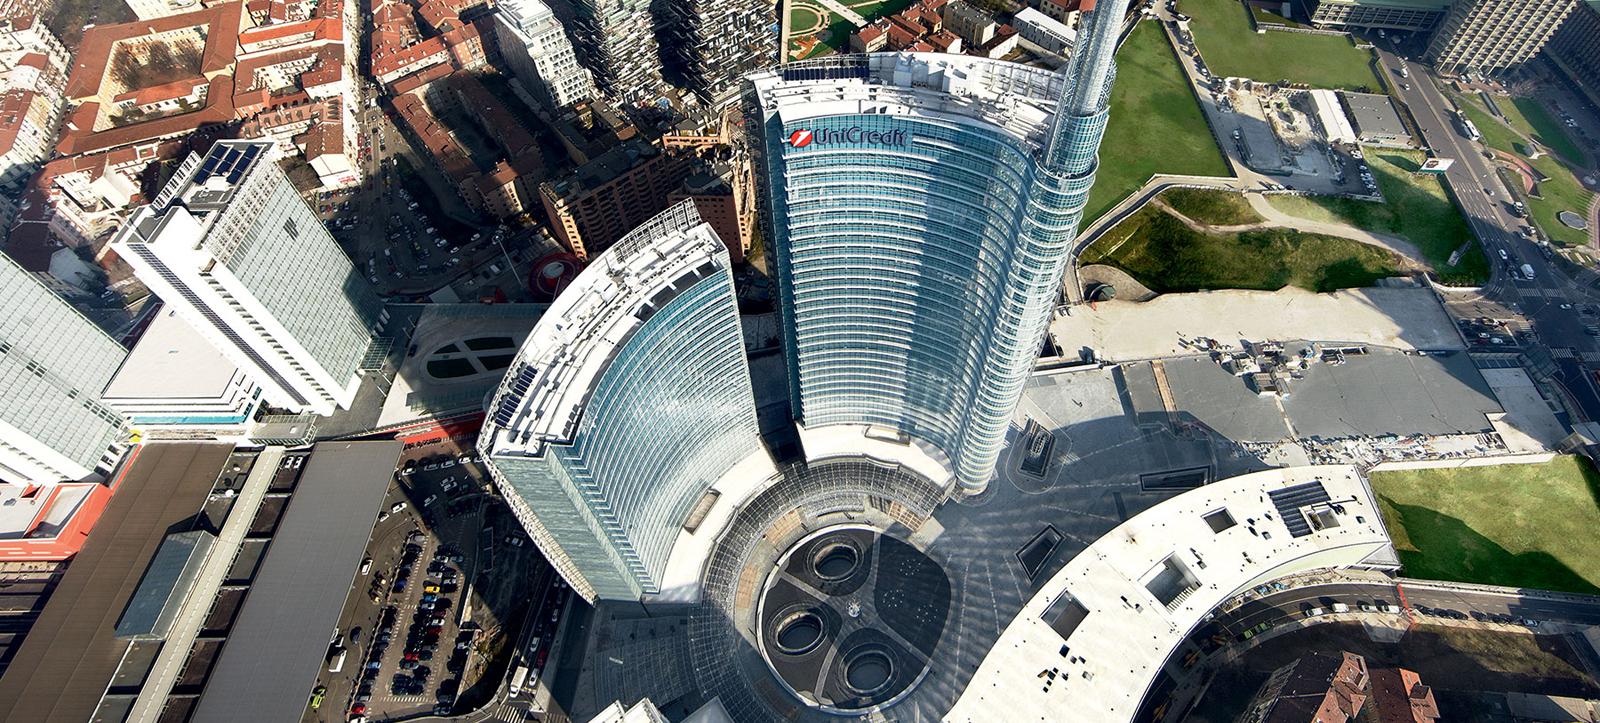 Milan porta nuova un 39 esperienza unica con viaggi di - Uffici gtt porta nuova ...